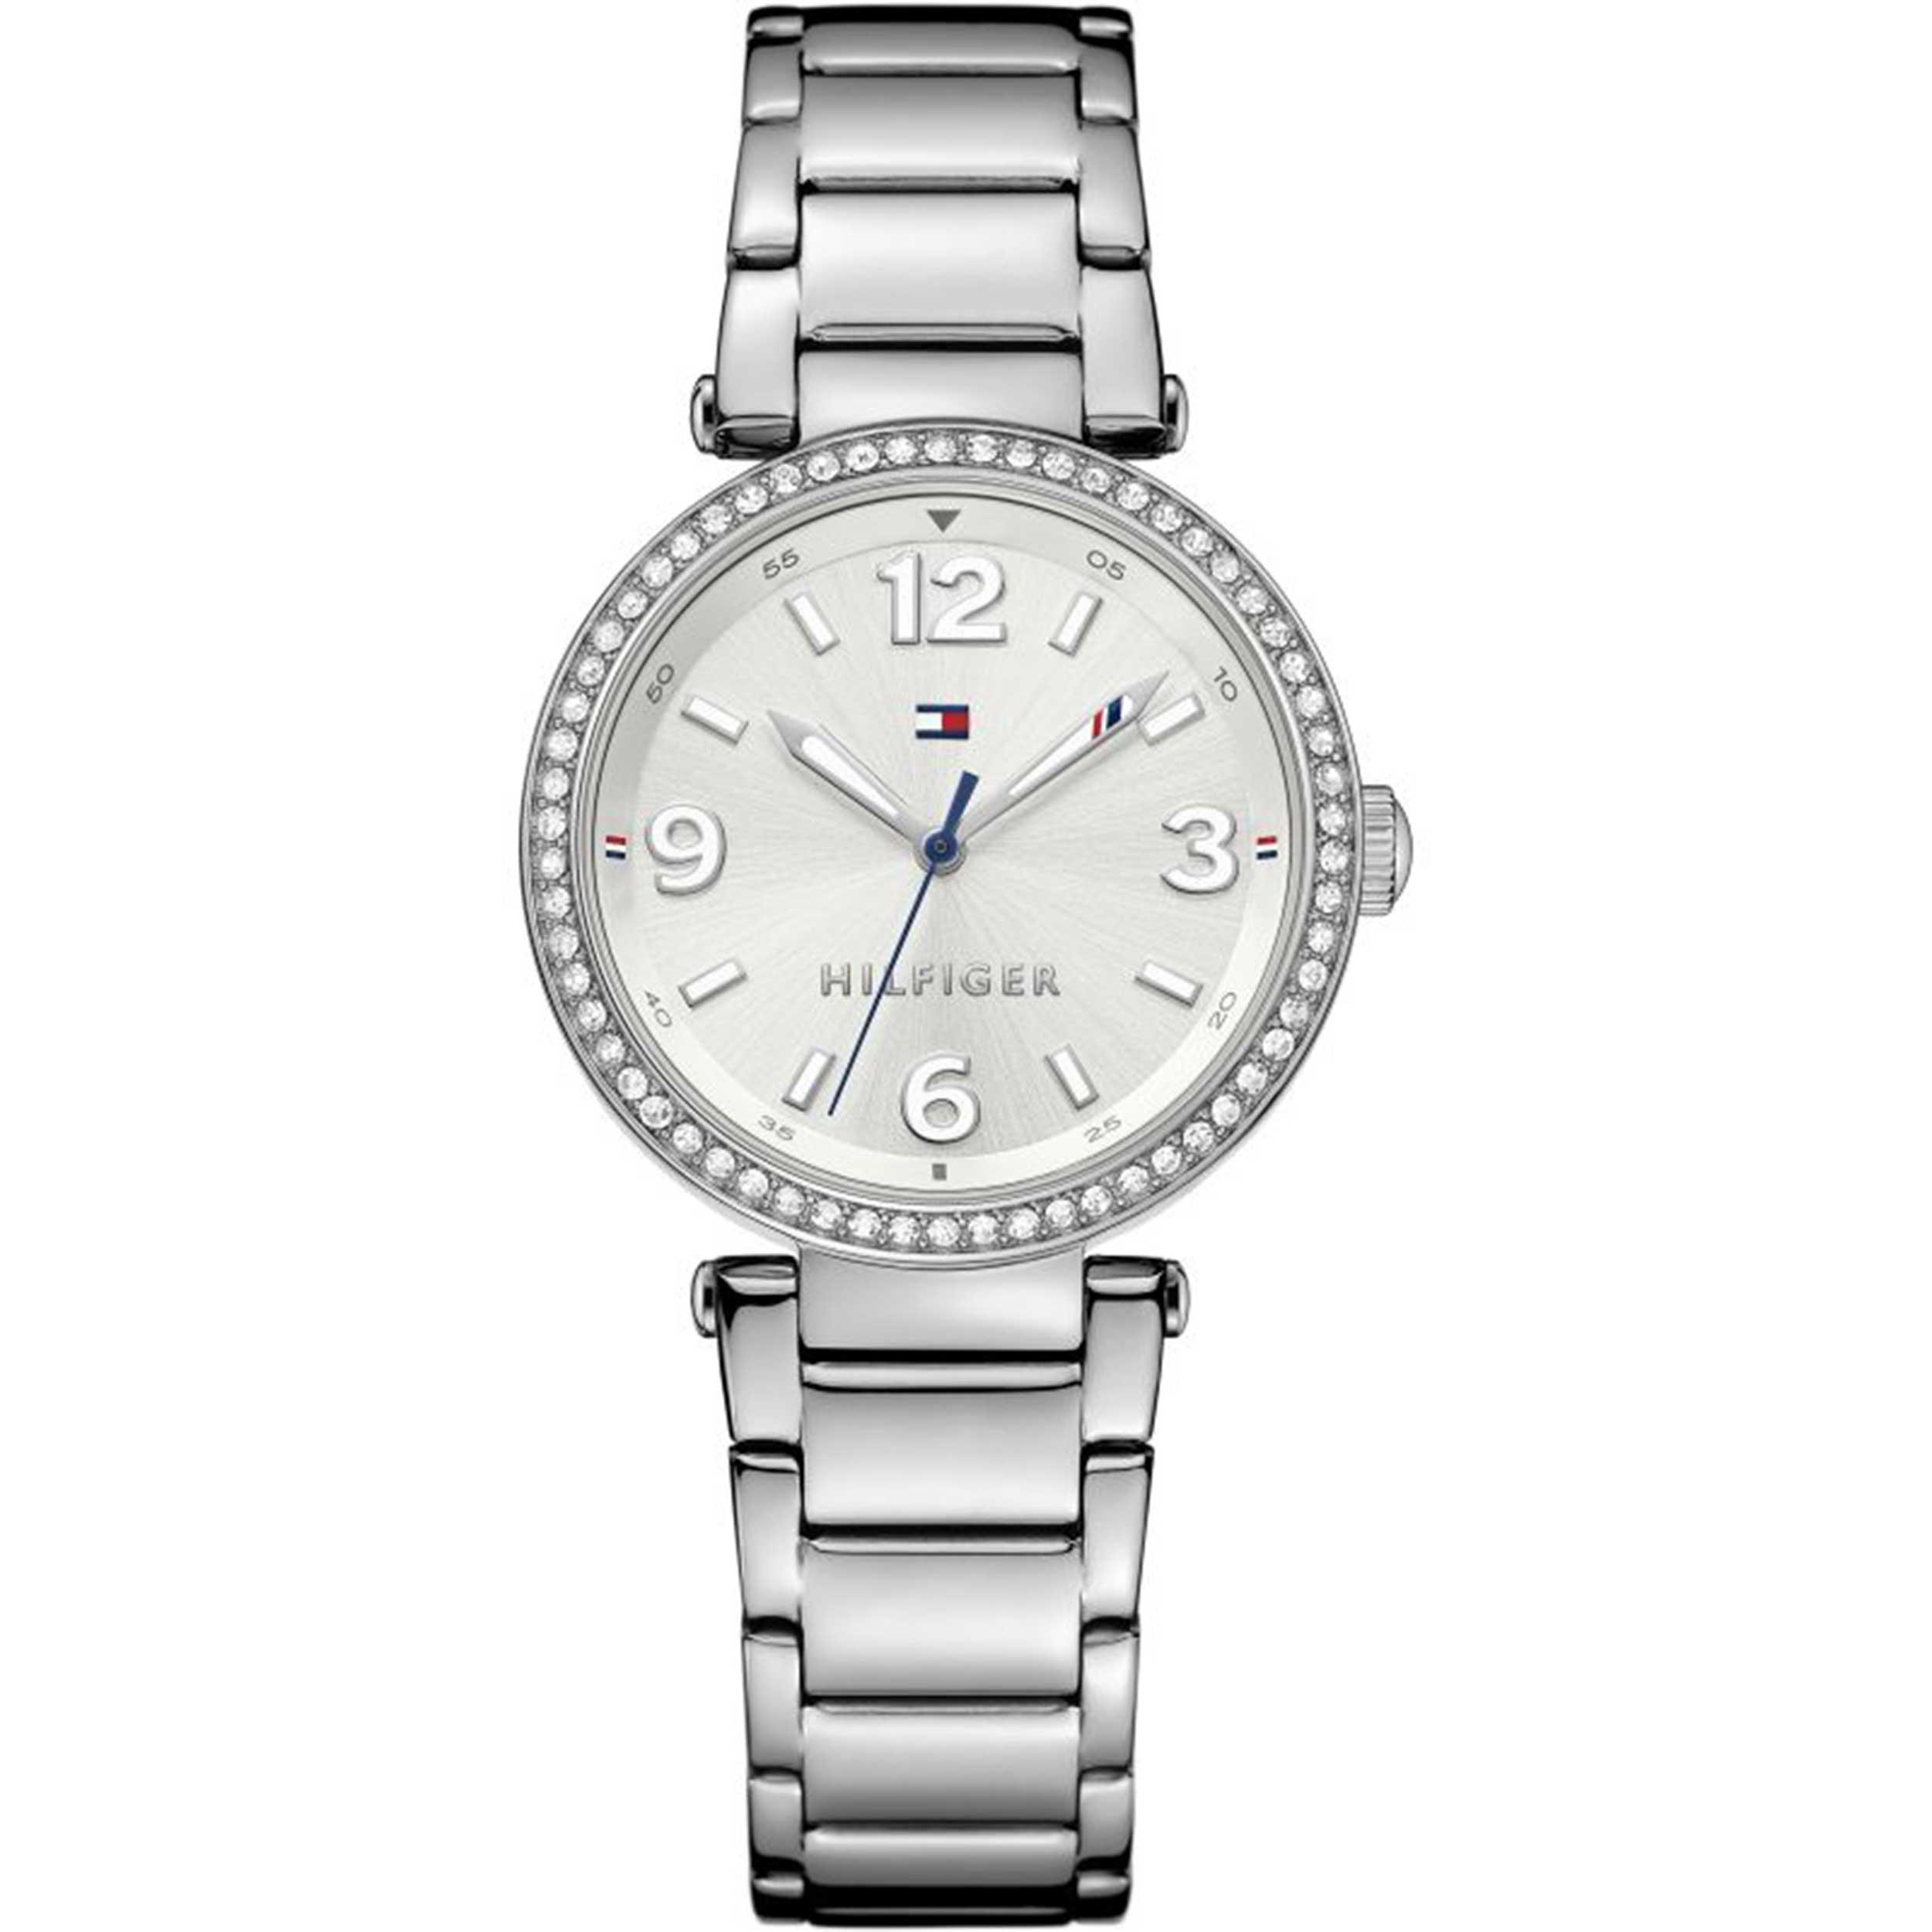 ساعت مچی عقربه ای زنانه تامی هیلفیگر مدل 1781589